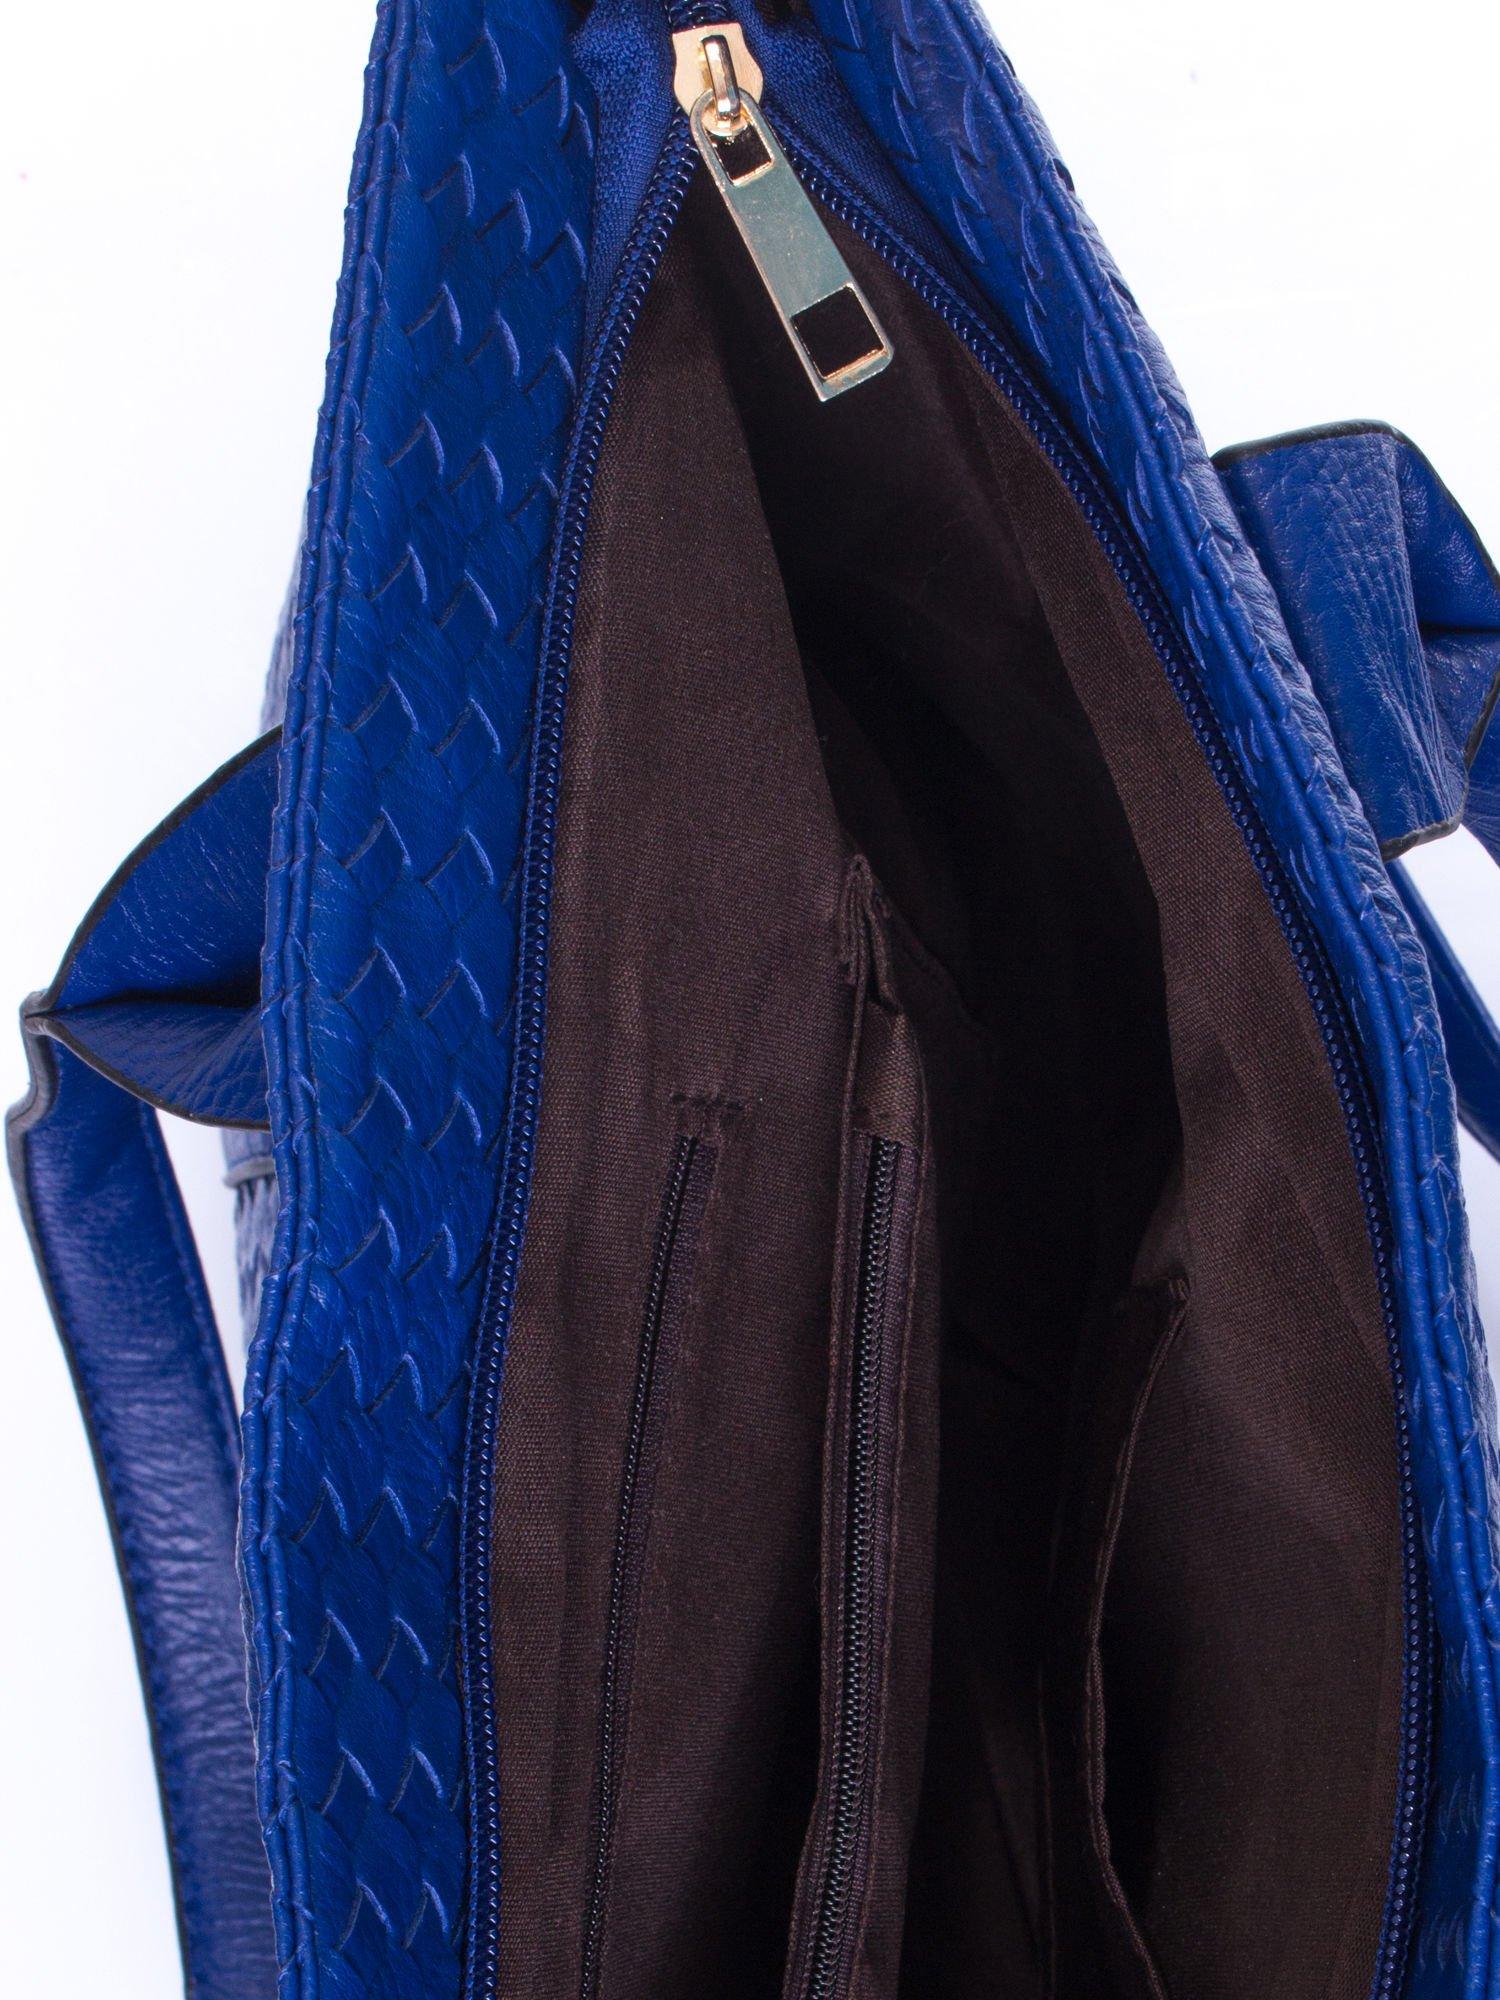 Granatowa pleciona torebka z suwakami                                  zdj.                                  5